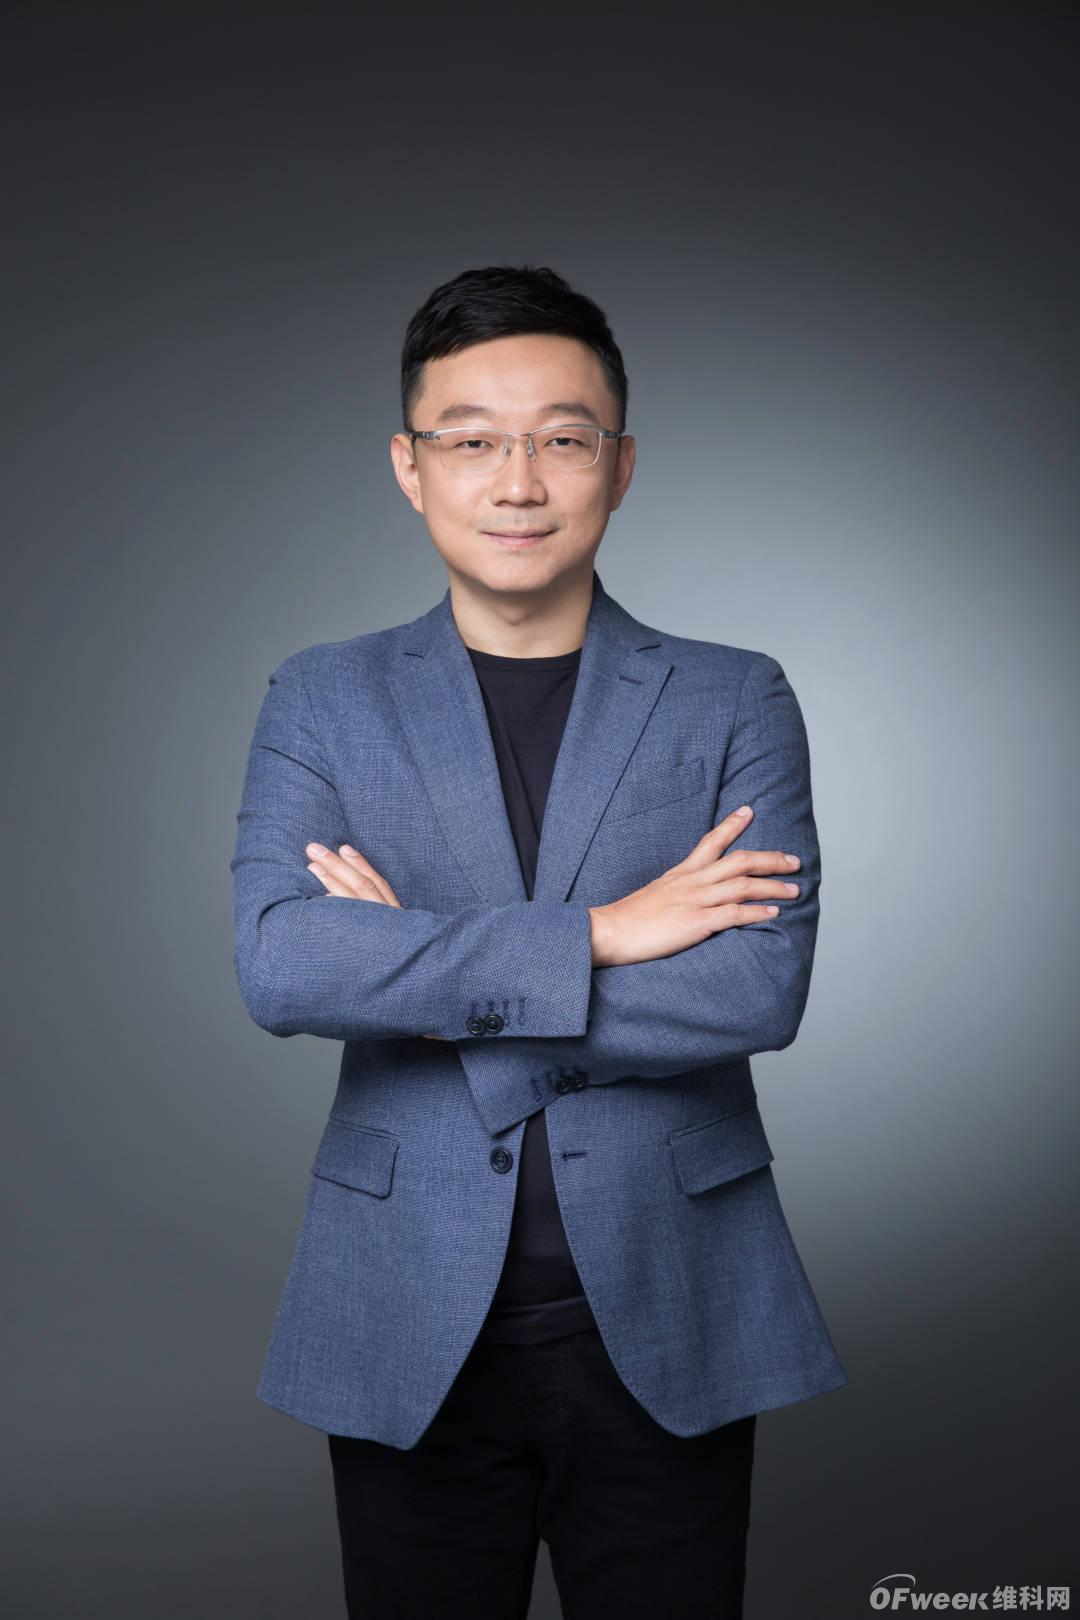 37度智能家居CEO关炜宁:用科技为大众创造更美好的日常生活!